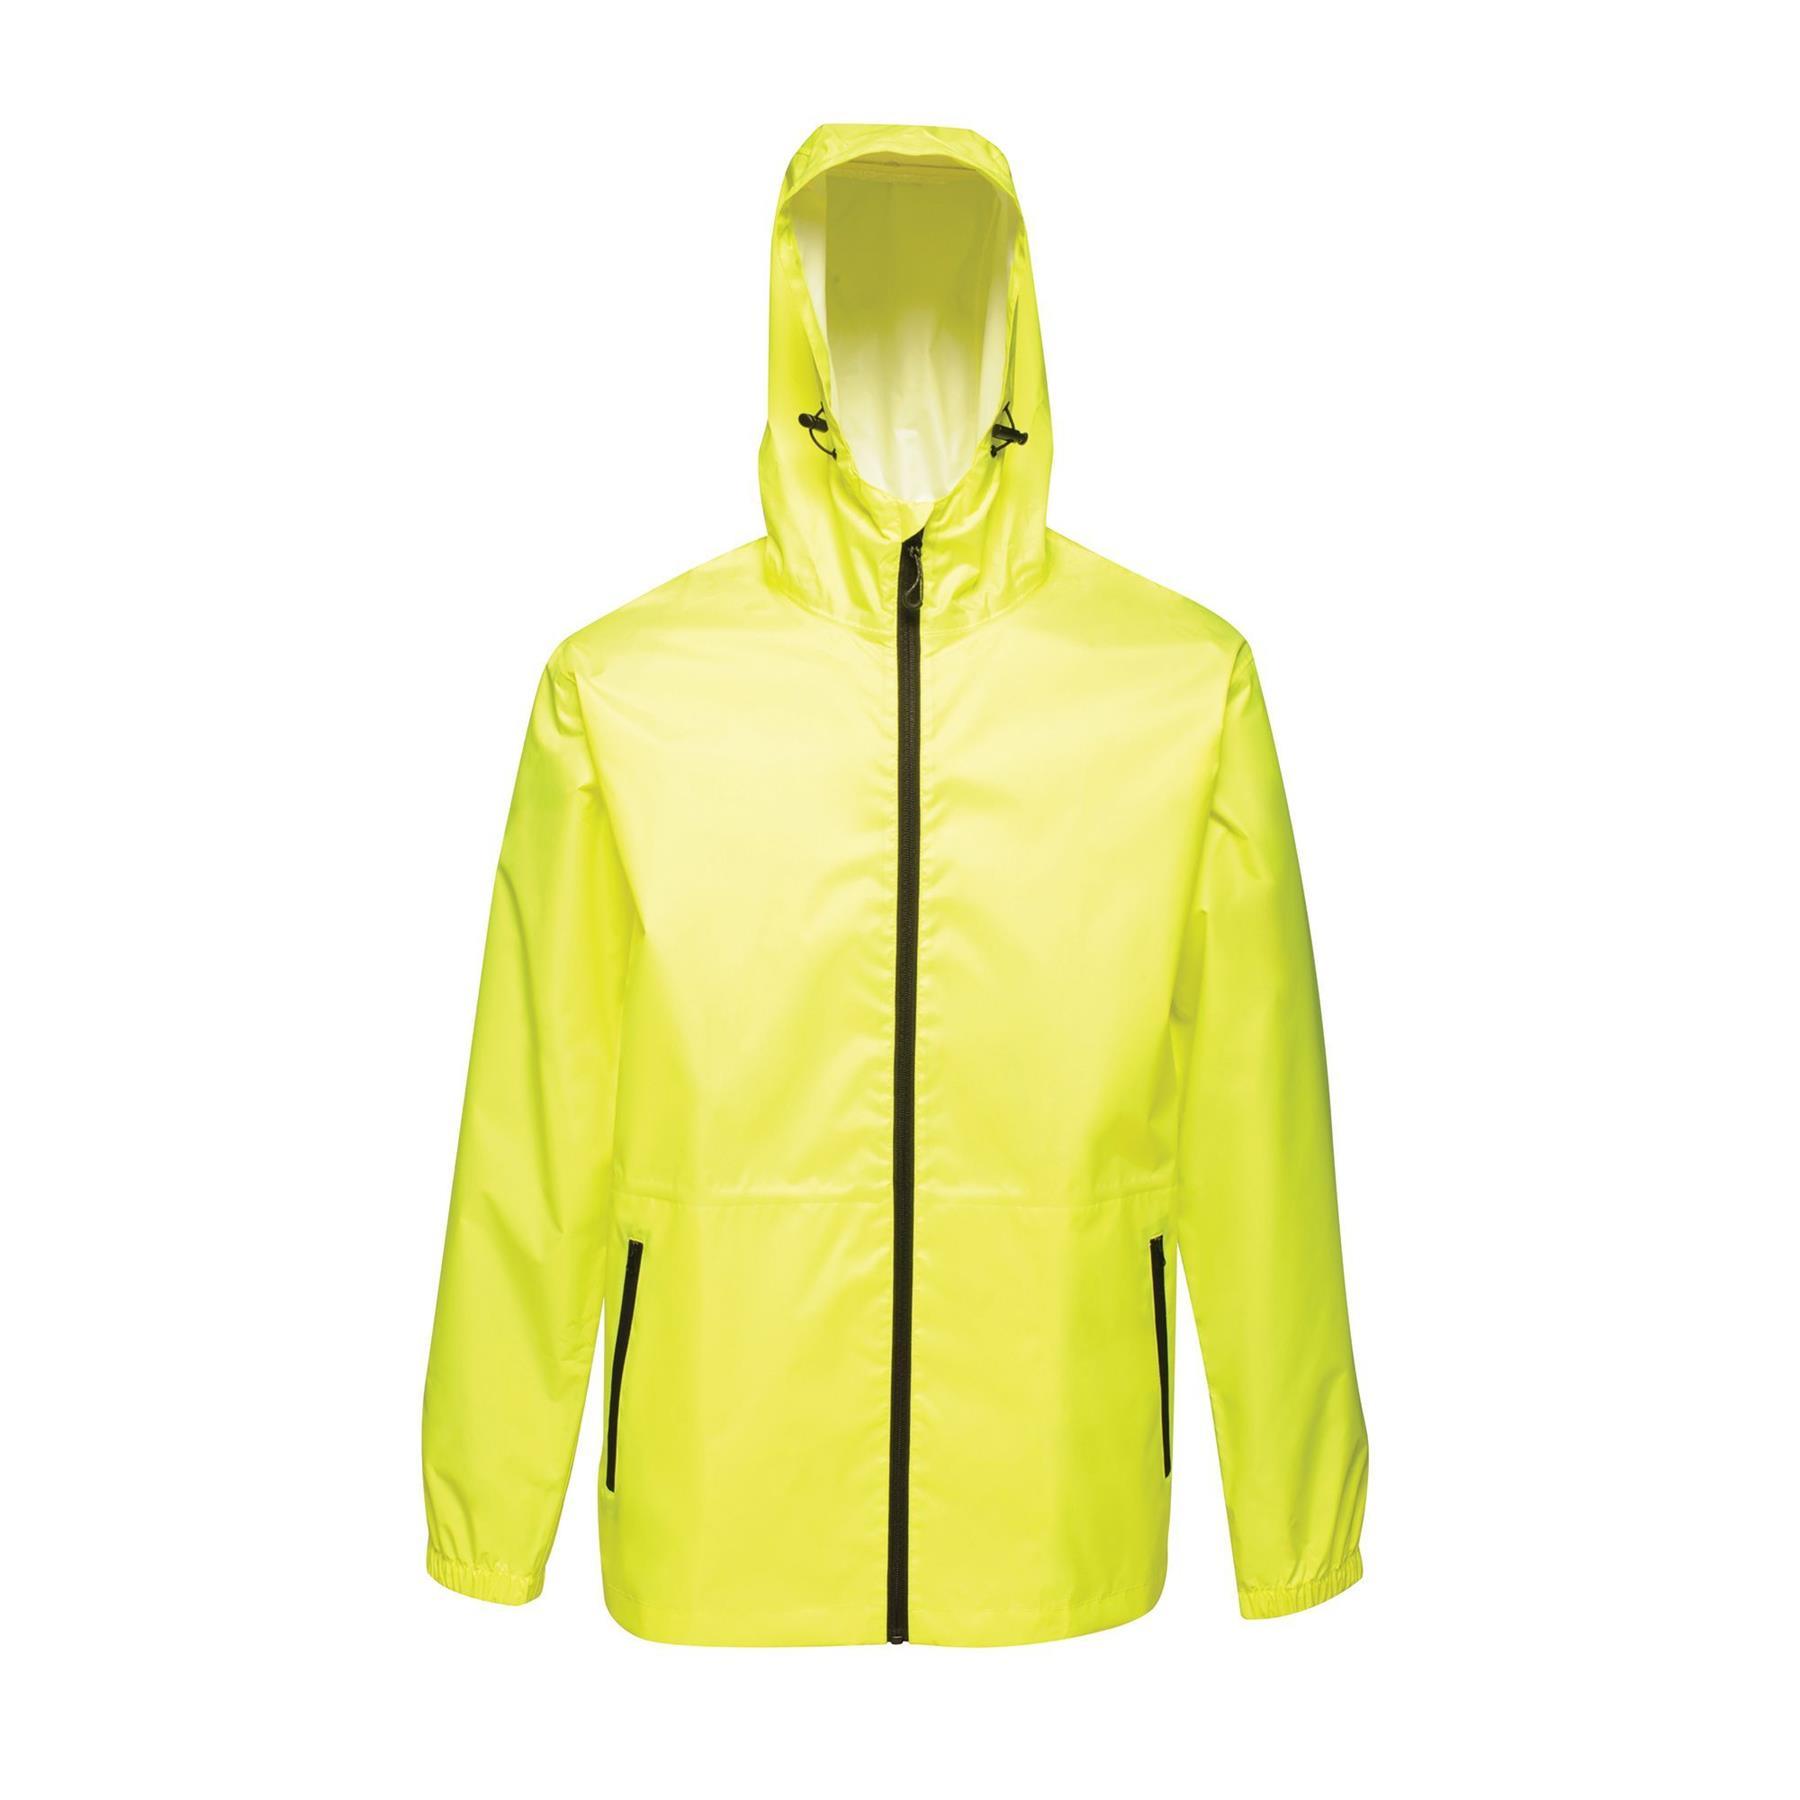 miniatuur 19 - Regatta Mens Pack-it In a bag Packable Waterproof Jacket Outdoor Pack a mac